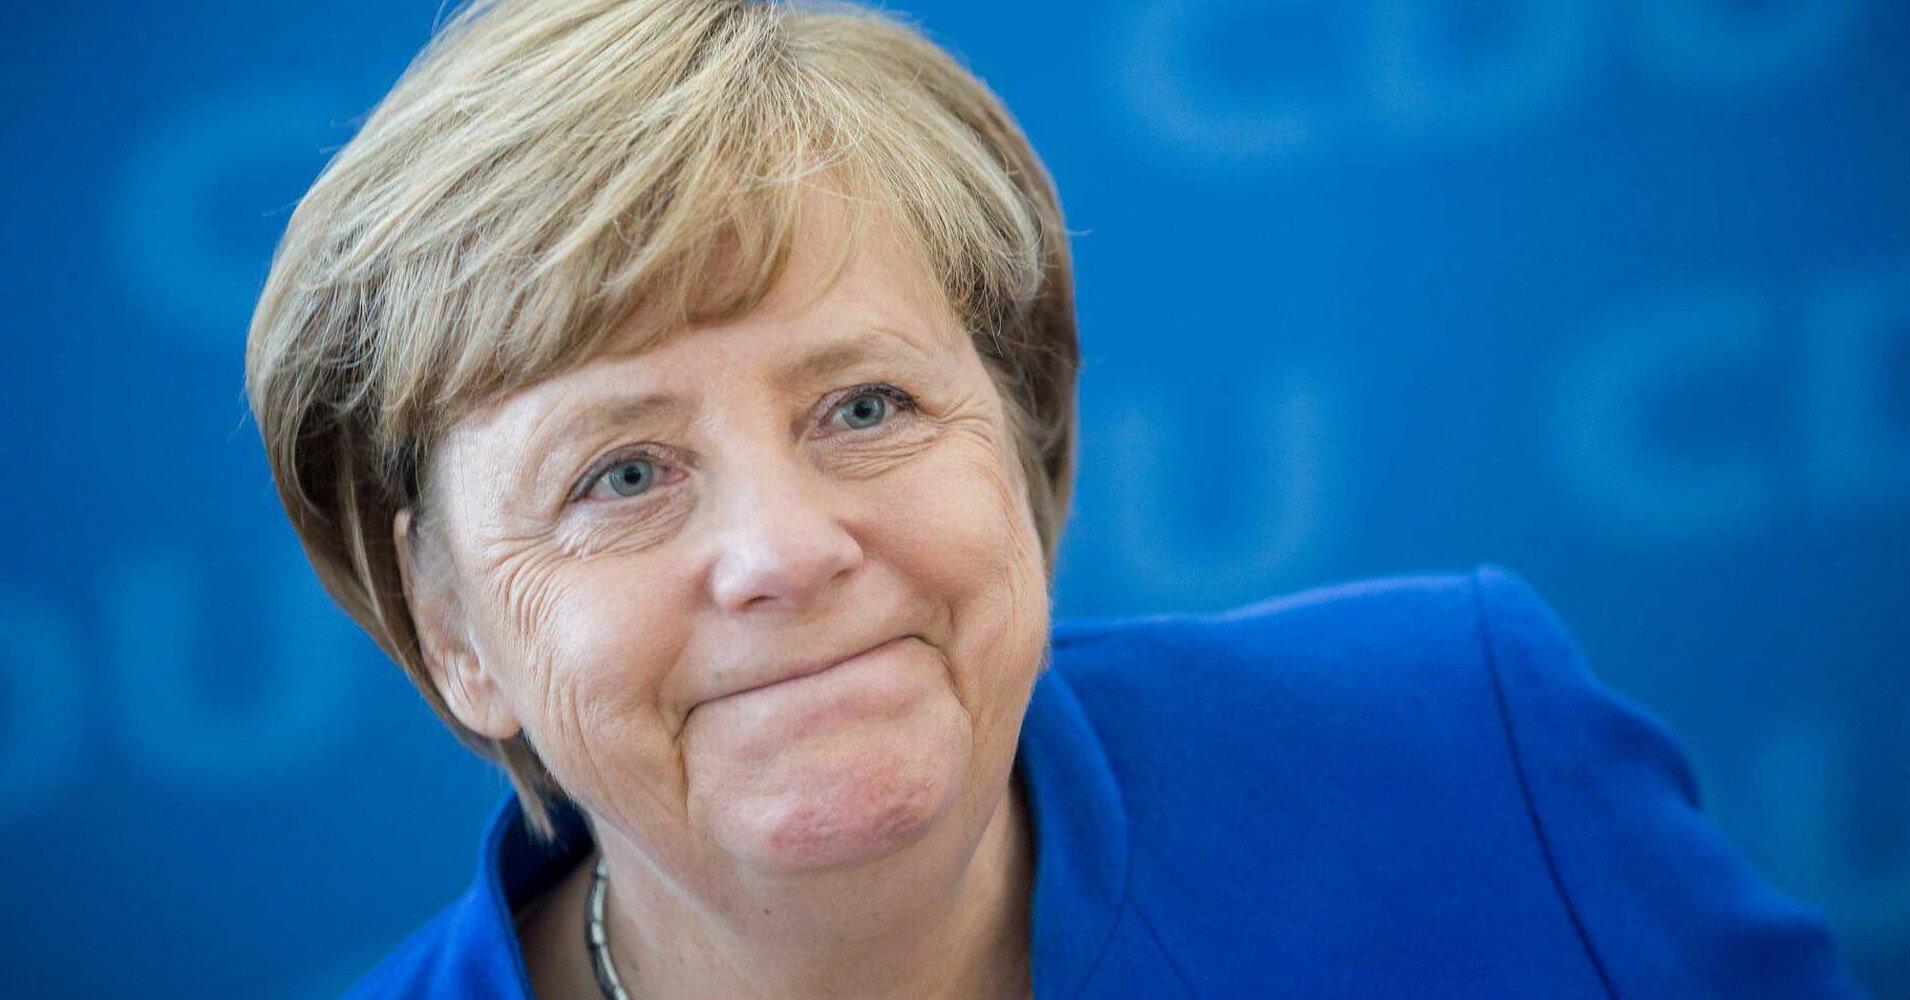 """Меркель заявила об остающихся разногласиях по """"Северному потоку-2"""""""